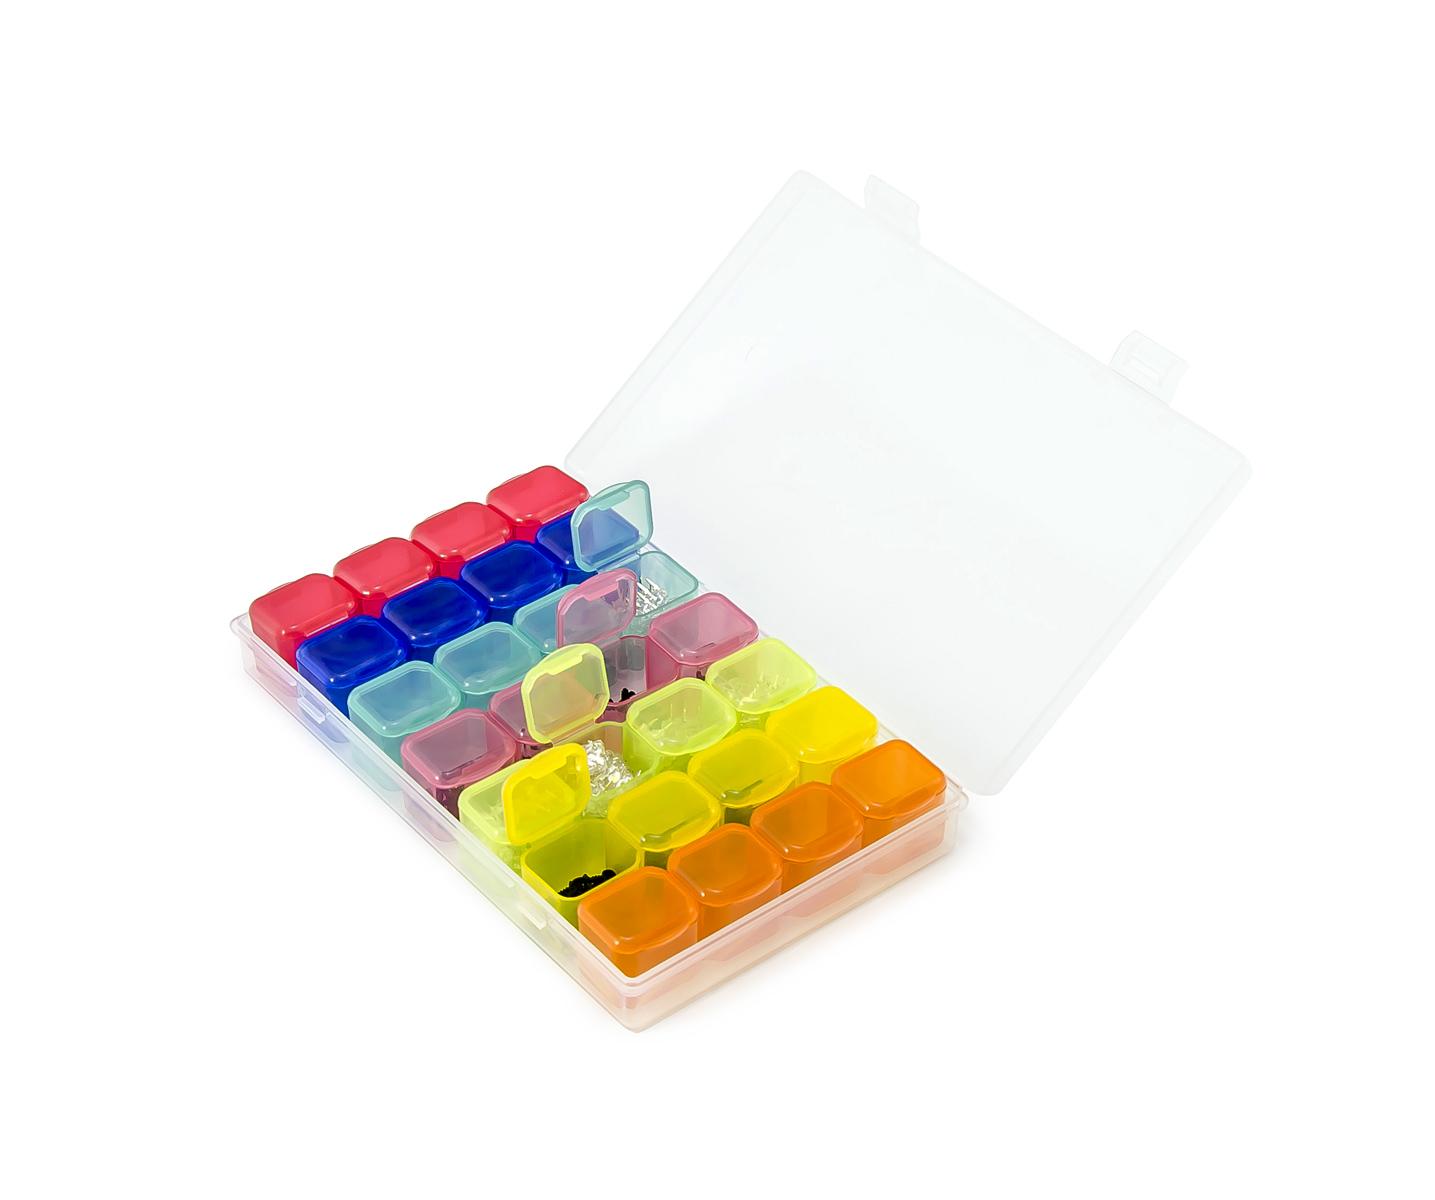 Krabičky na SMD součástky a šroubky, 28 komor